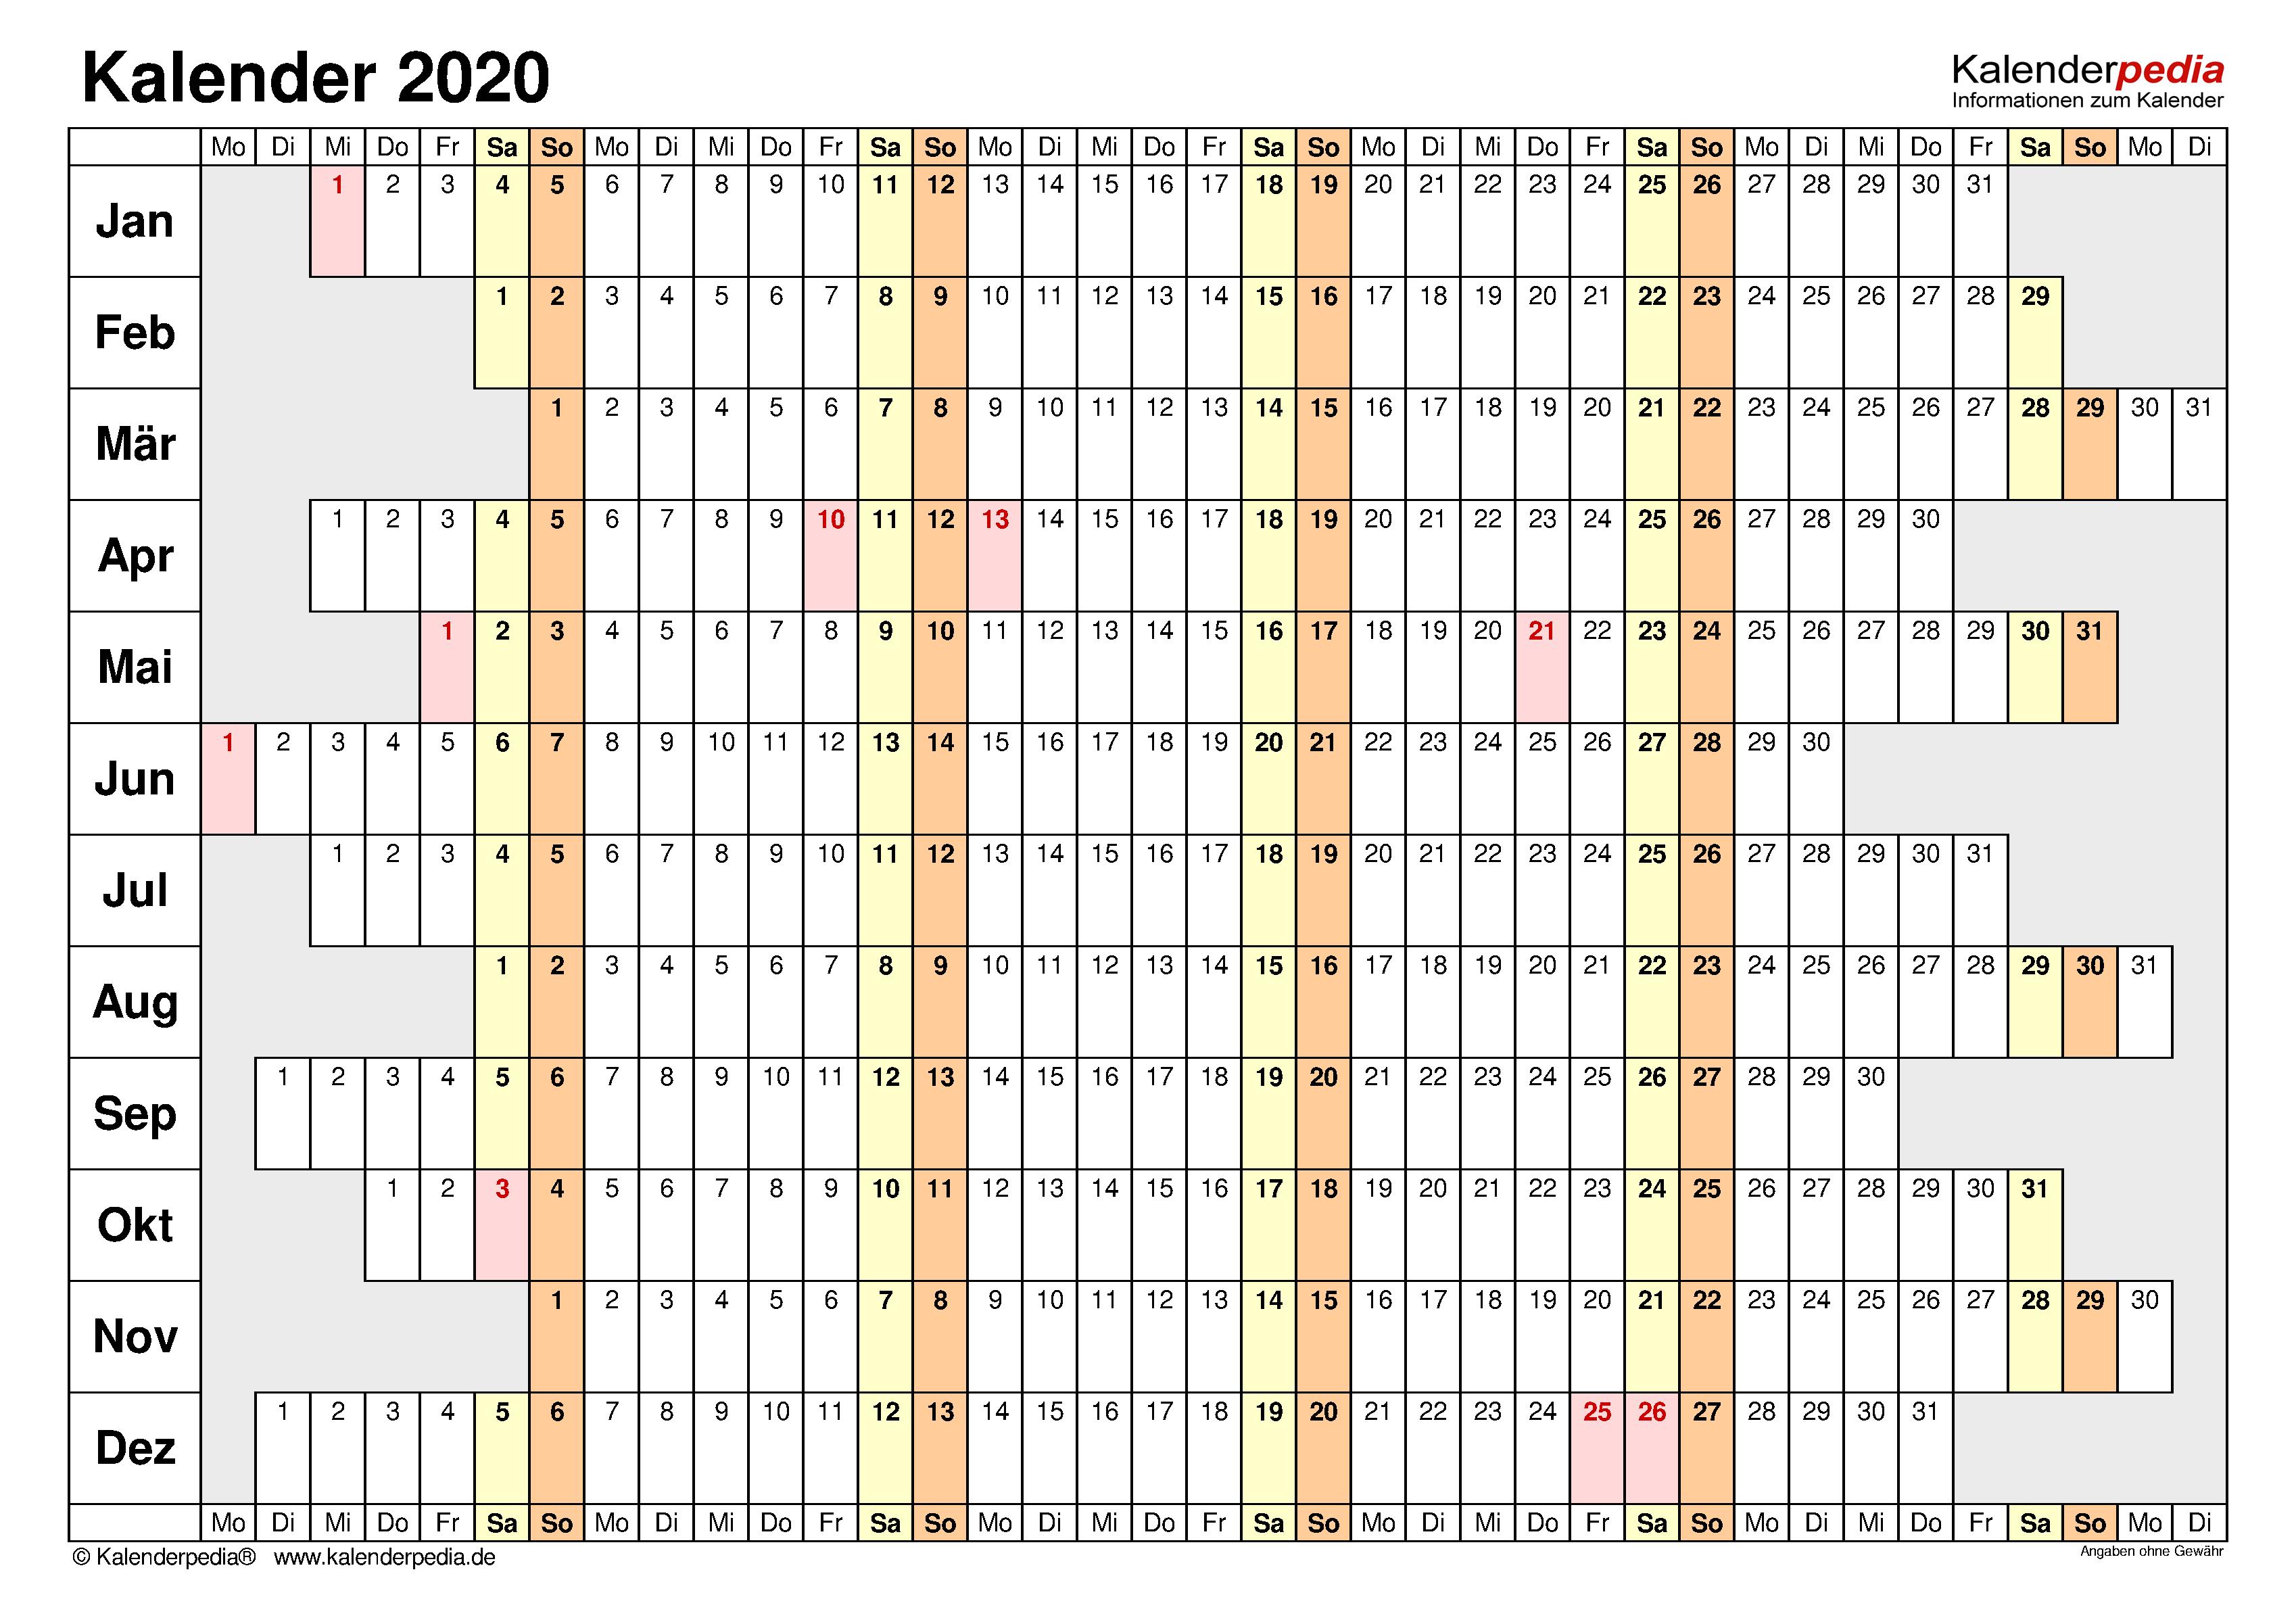 Kalender 2020 Zum Ausdrucken In Excel 19 Vorlagen Kostenlos